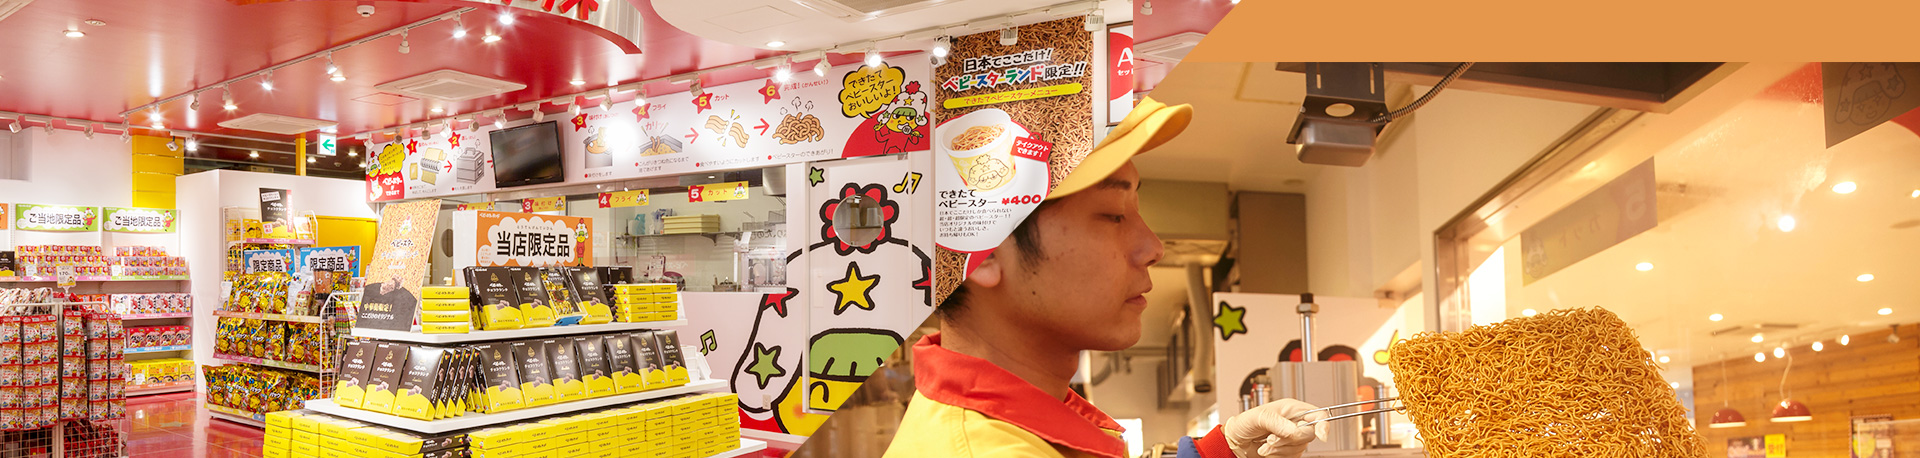 横浜おやつファクトリー採用情報